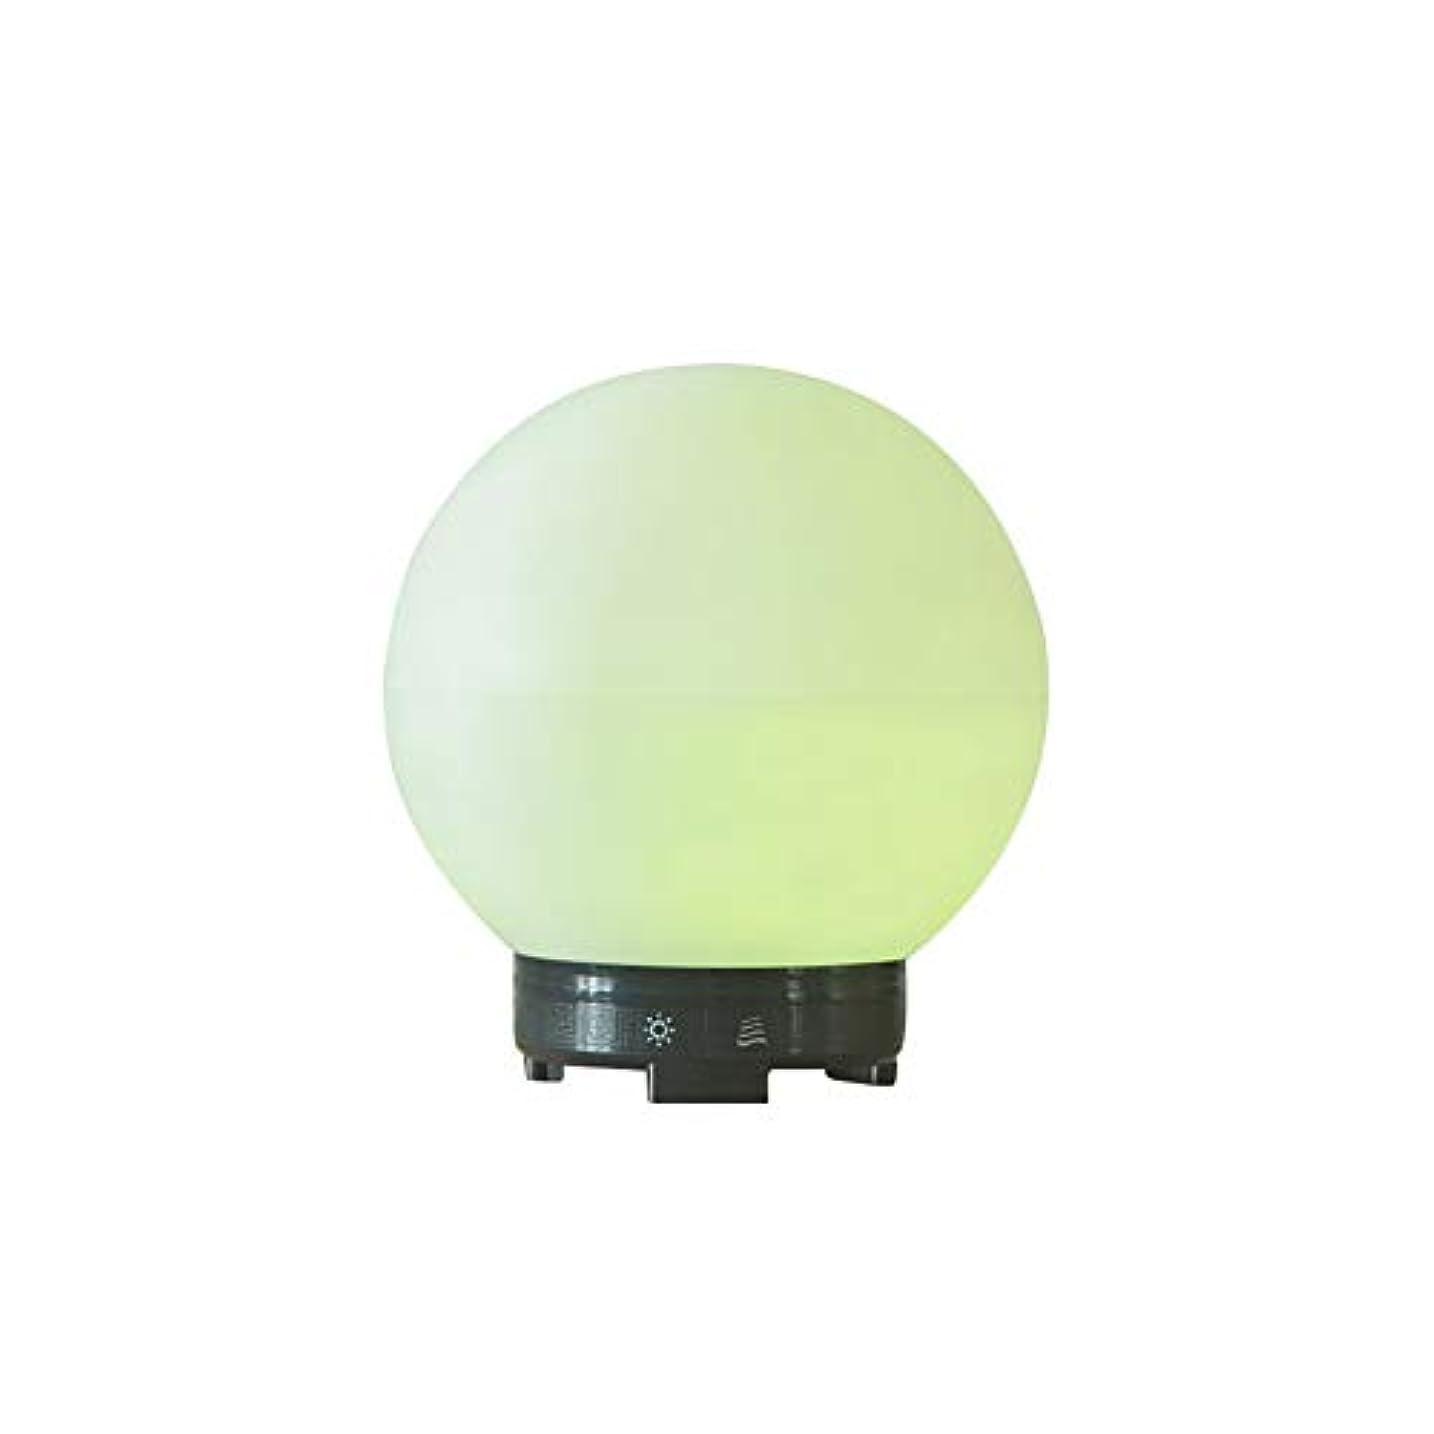 既婚湖ソーシャルエッセンシャルオイルディフューザーと加湿器、ミストエッセンシャルオイルアロマ加湿器用の超音波アロマディフューザー、7色LEDライト